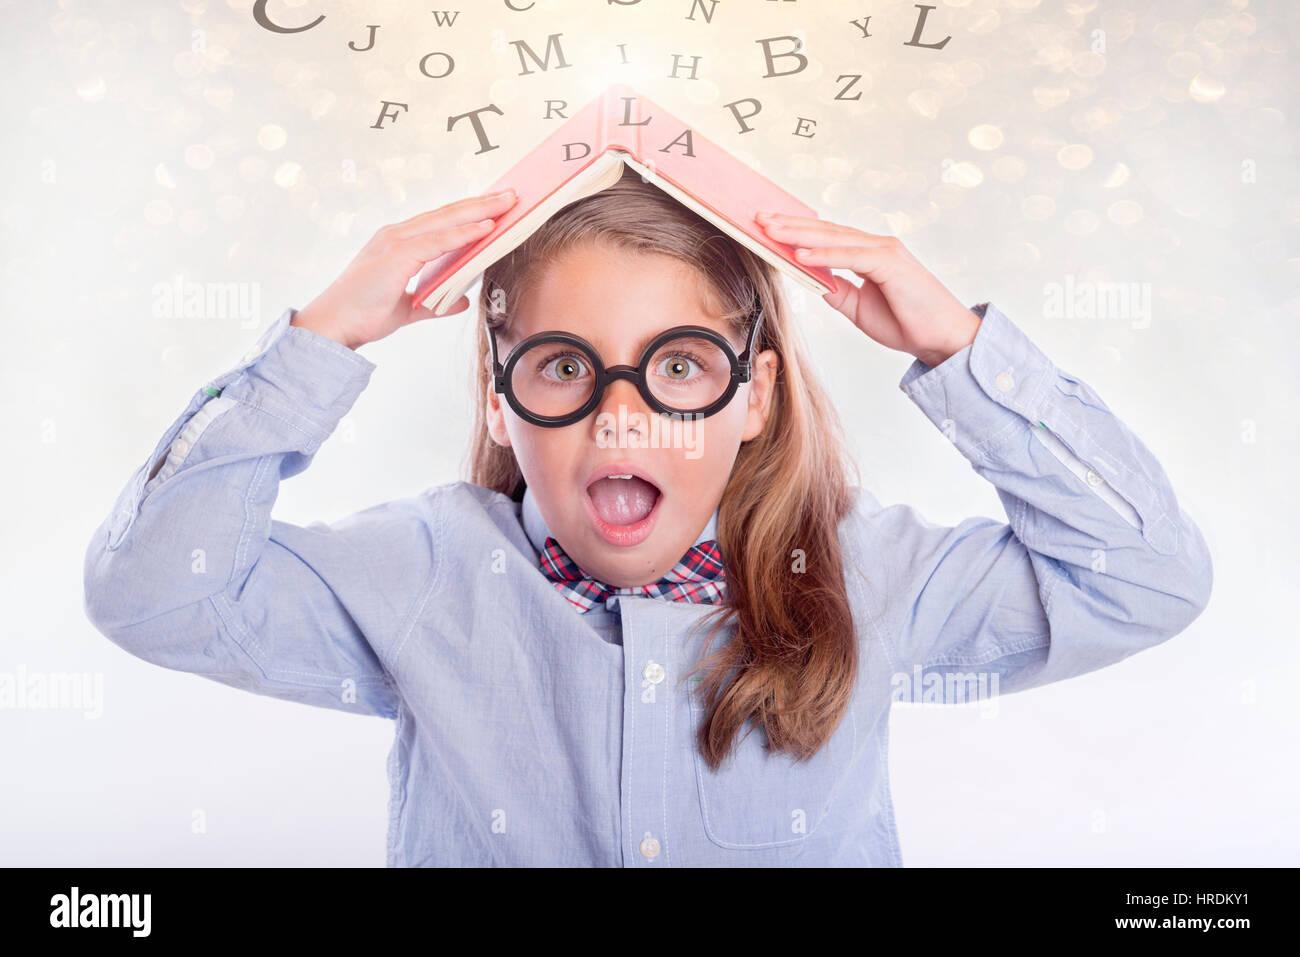 Sorprendido chica con libro sobre su cabeza, de vuelta a la escuela Imagen De Stock